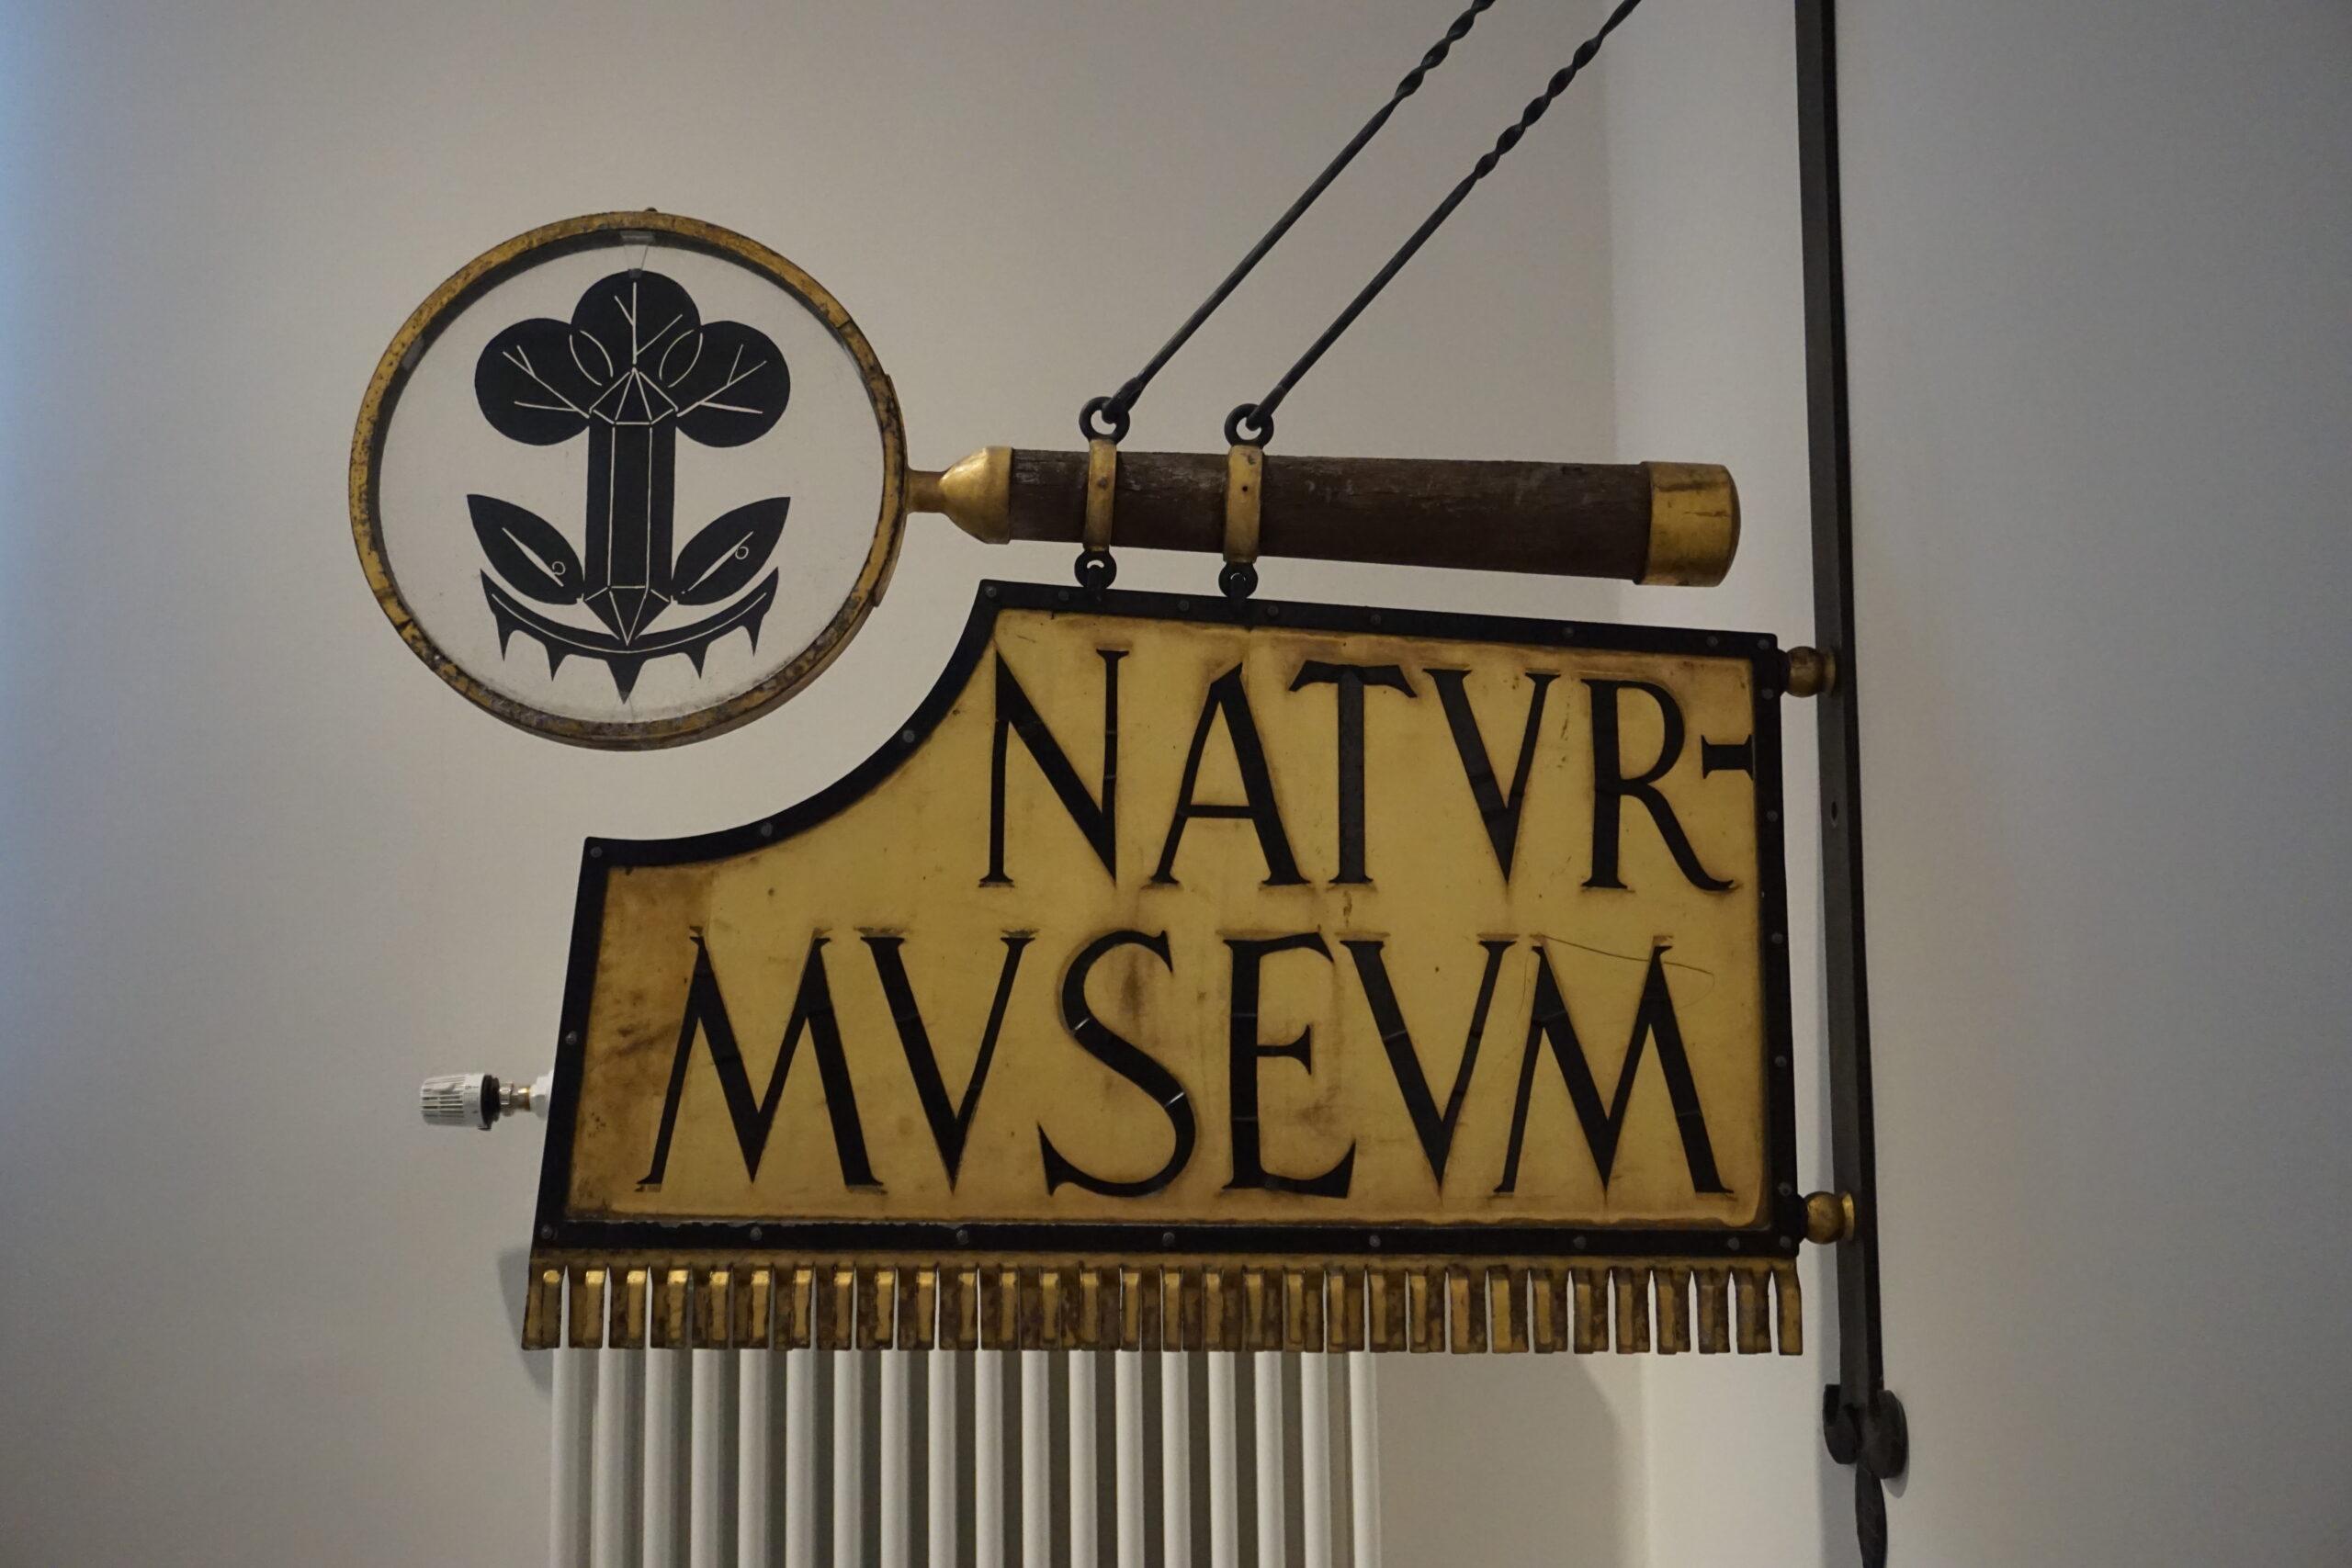 Das ehemalige Naturkundemuseum wurde zusammen mit dem Museum für das Fürstentum Lüneburg und der Ritterakademie zum neuen Museum Lüneburg © Hardt/Gelbe